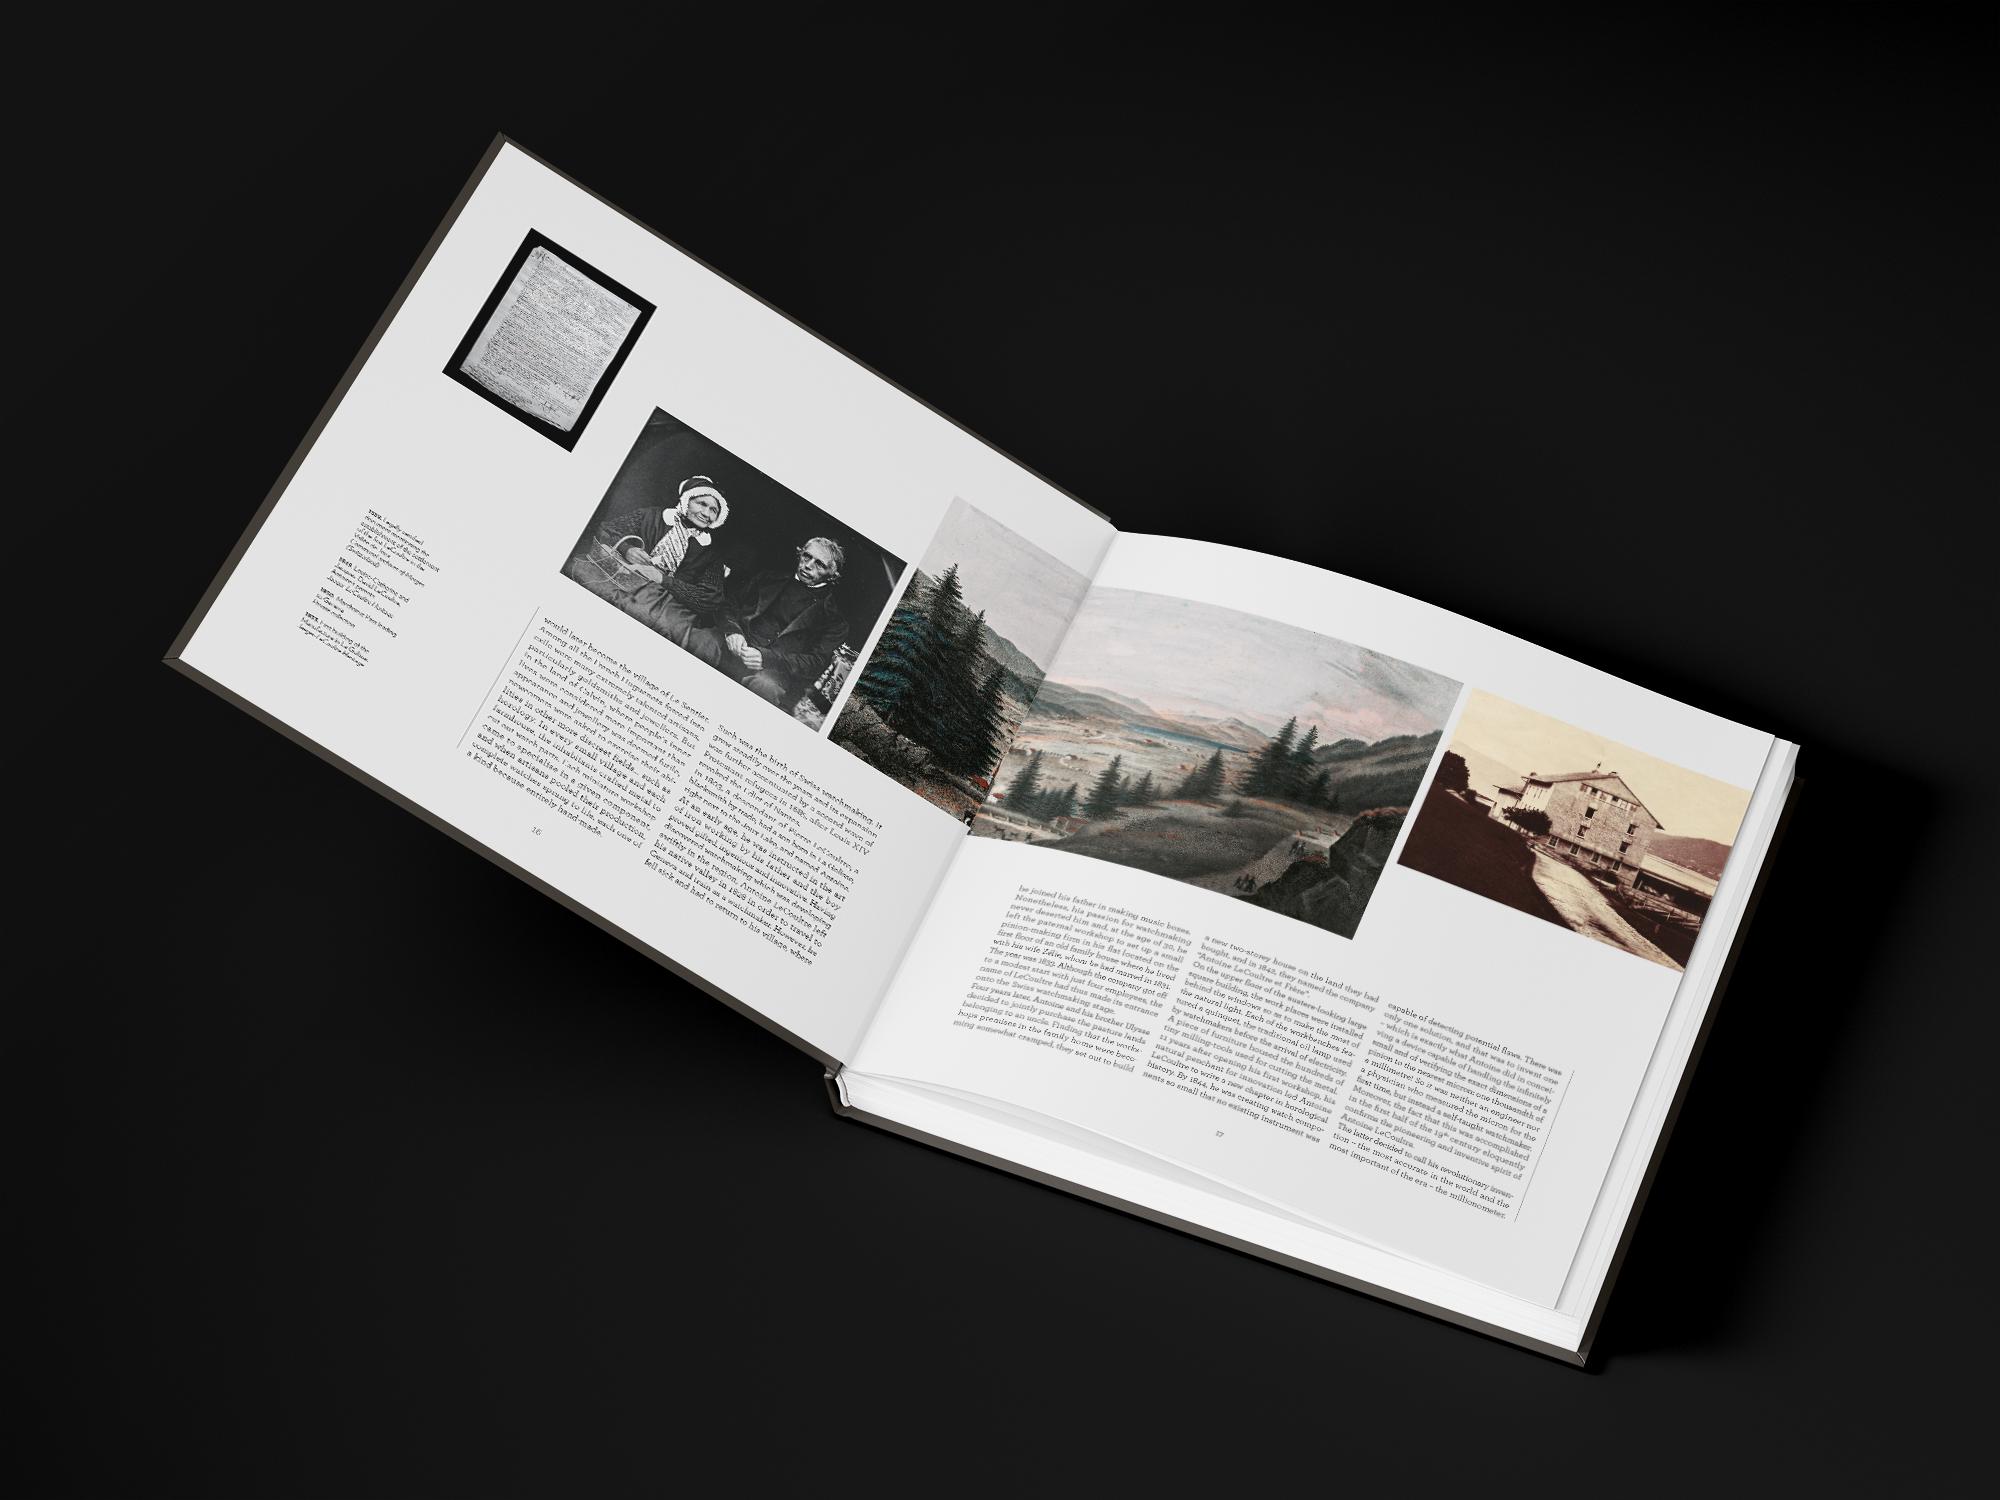 Création de livre de montre Jaeger-LeCoultre